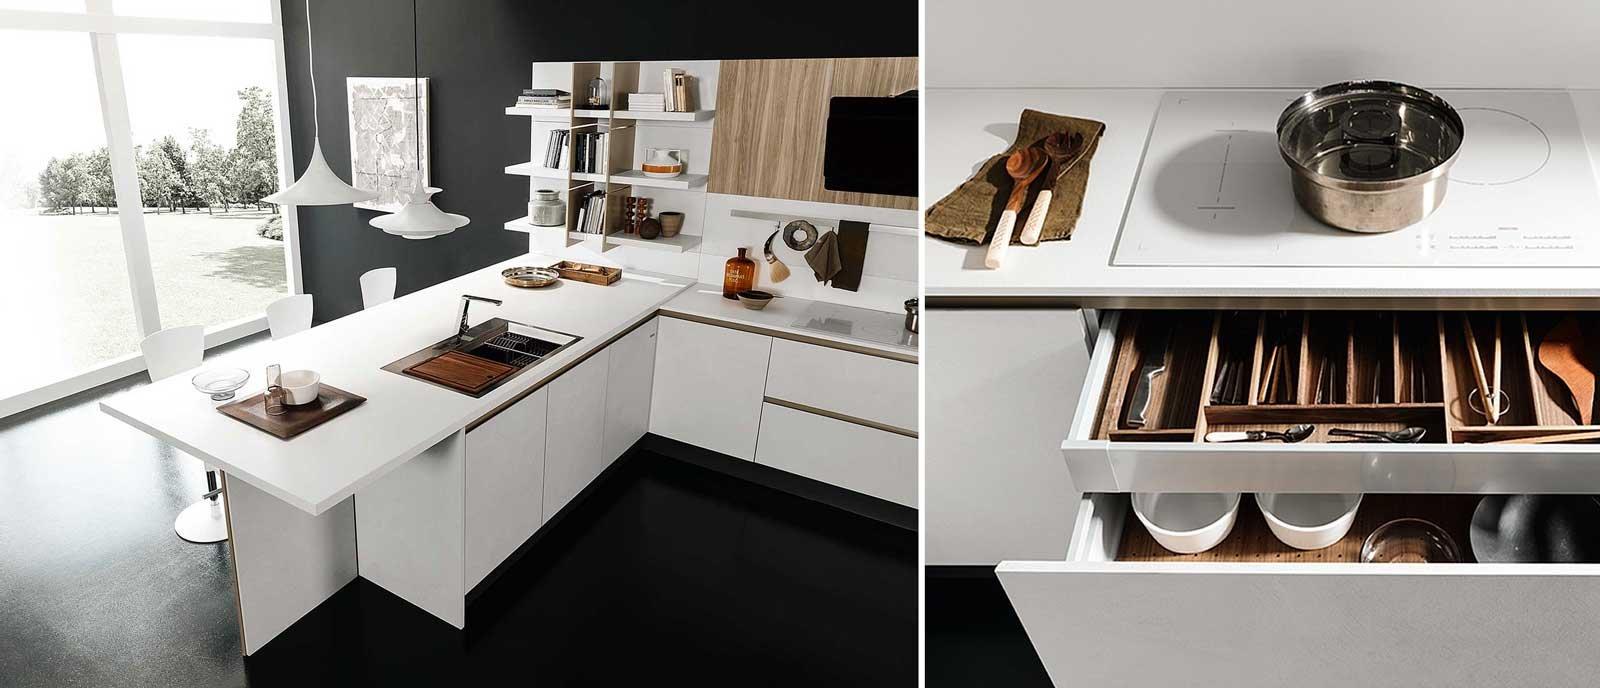 Stunning Cassetti Scorrevoli Cucina Images - Acomo.us - acomo.us